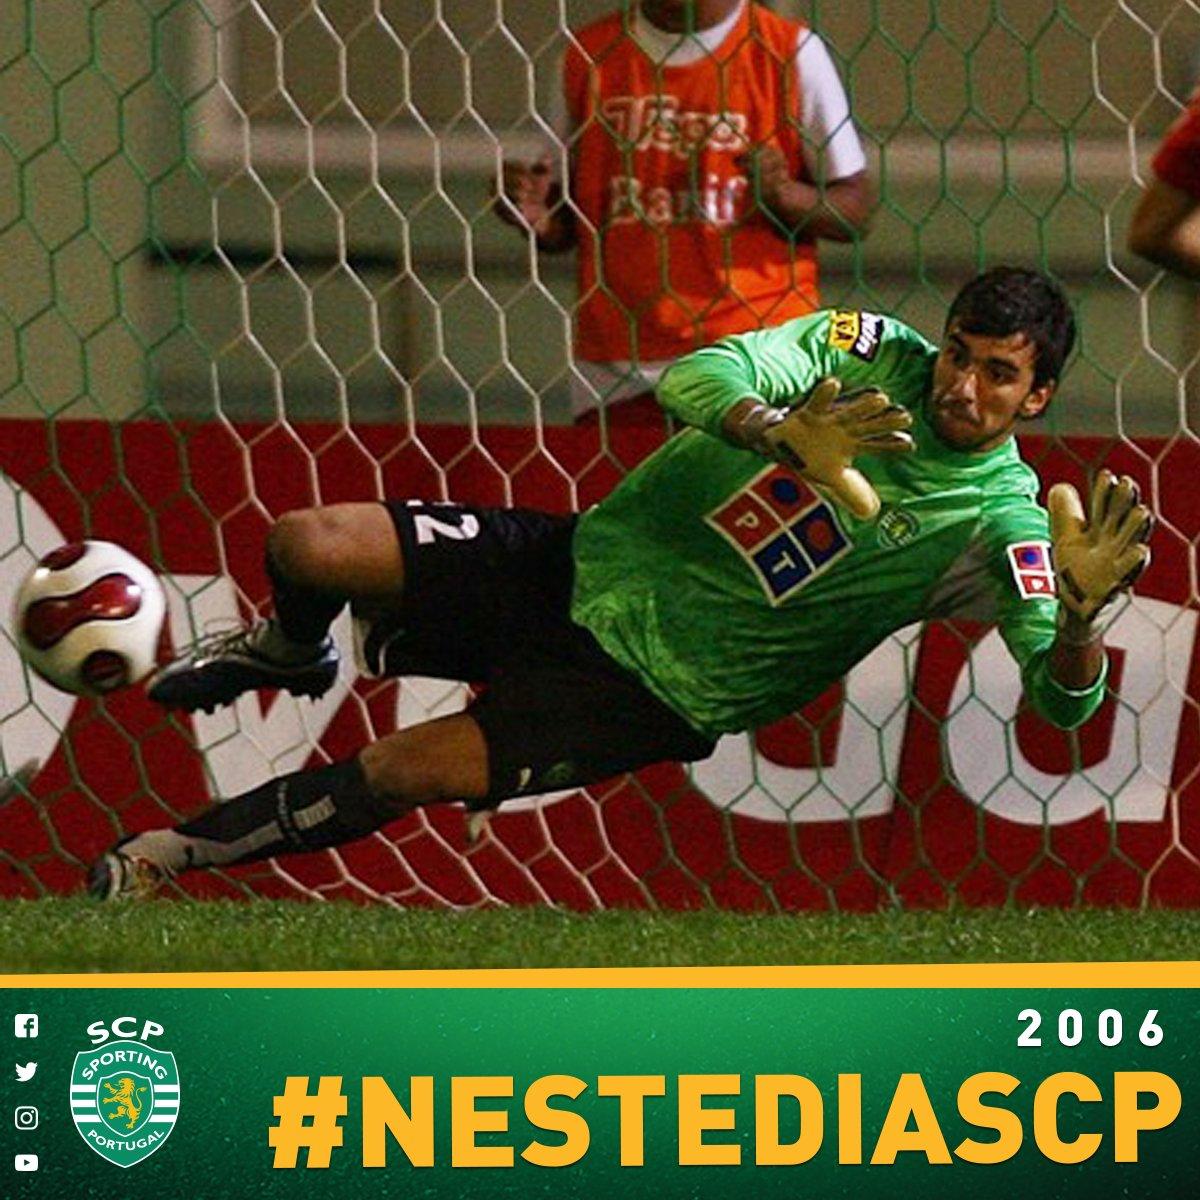 A história começou na Madeira. O resto vocês já sabem 😃  #NesteDiaSCP, um jovem Rui Patrício estreava-se pela primeira equipa com uma grande penalidade defendida. Passados 11 anos, o adolescente tornou-se um dos melhores do mundo 🔝